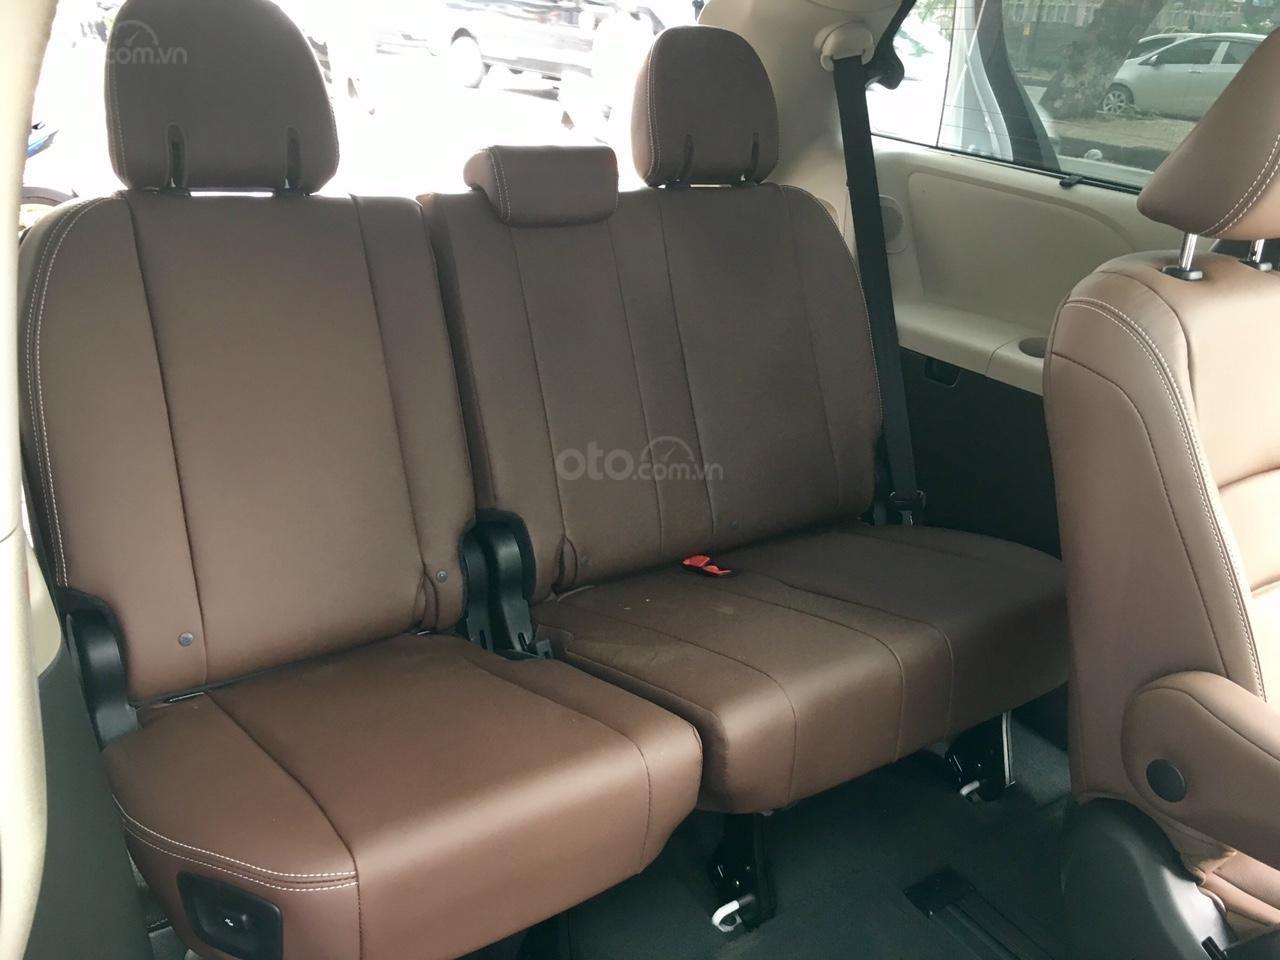 Bán Toyota Sienna Limited 1 cầu model 2020 giao ngay toàn quốc, giá tốt - LH 093.996.2368 Ms Ngọc Vy (13)